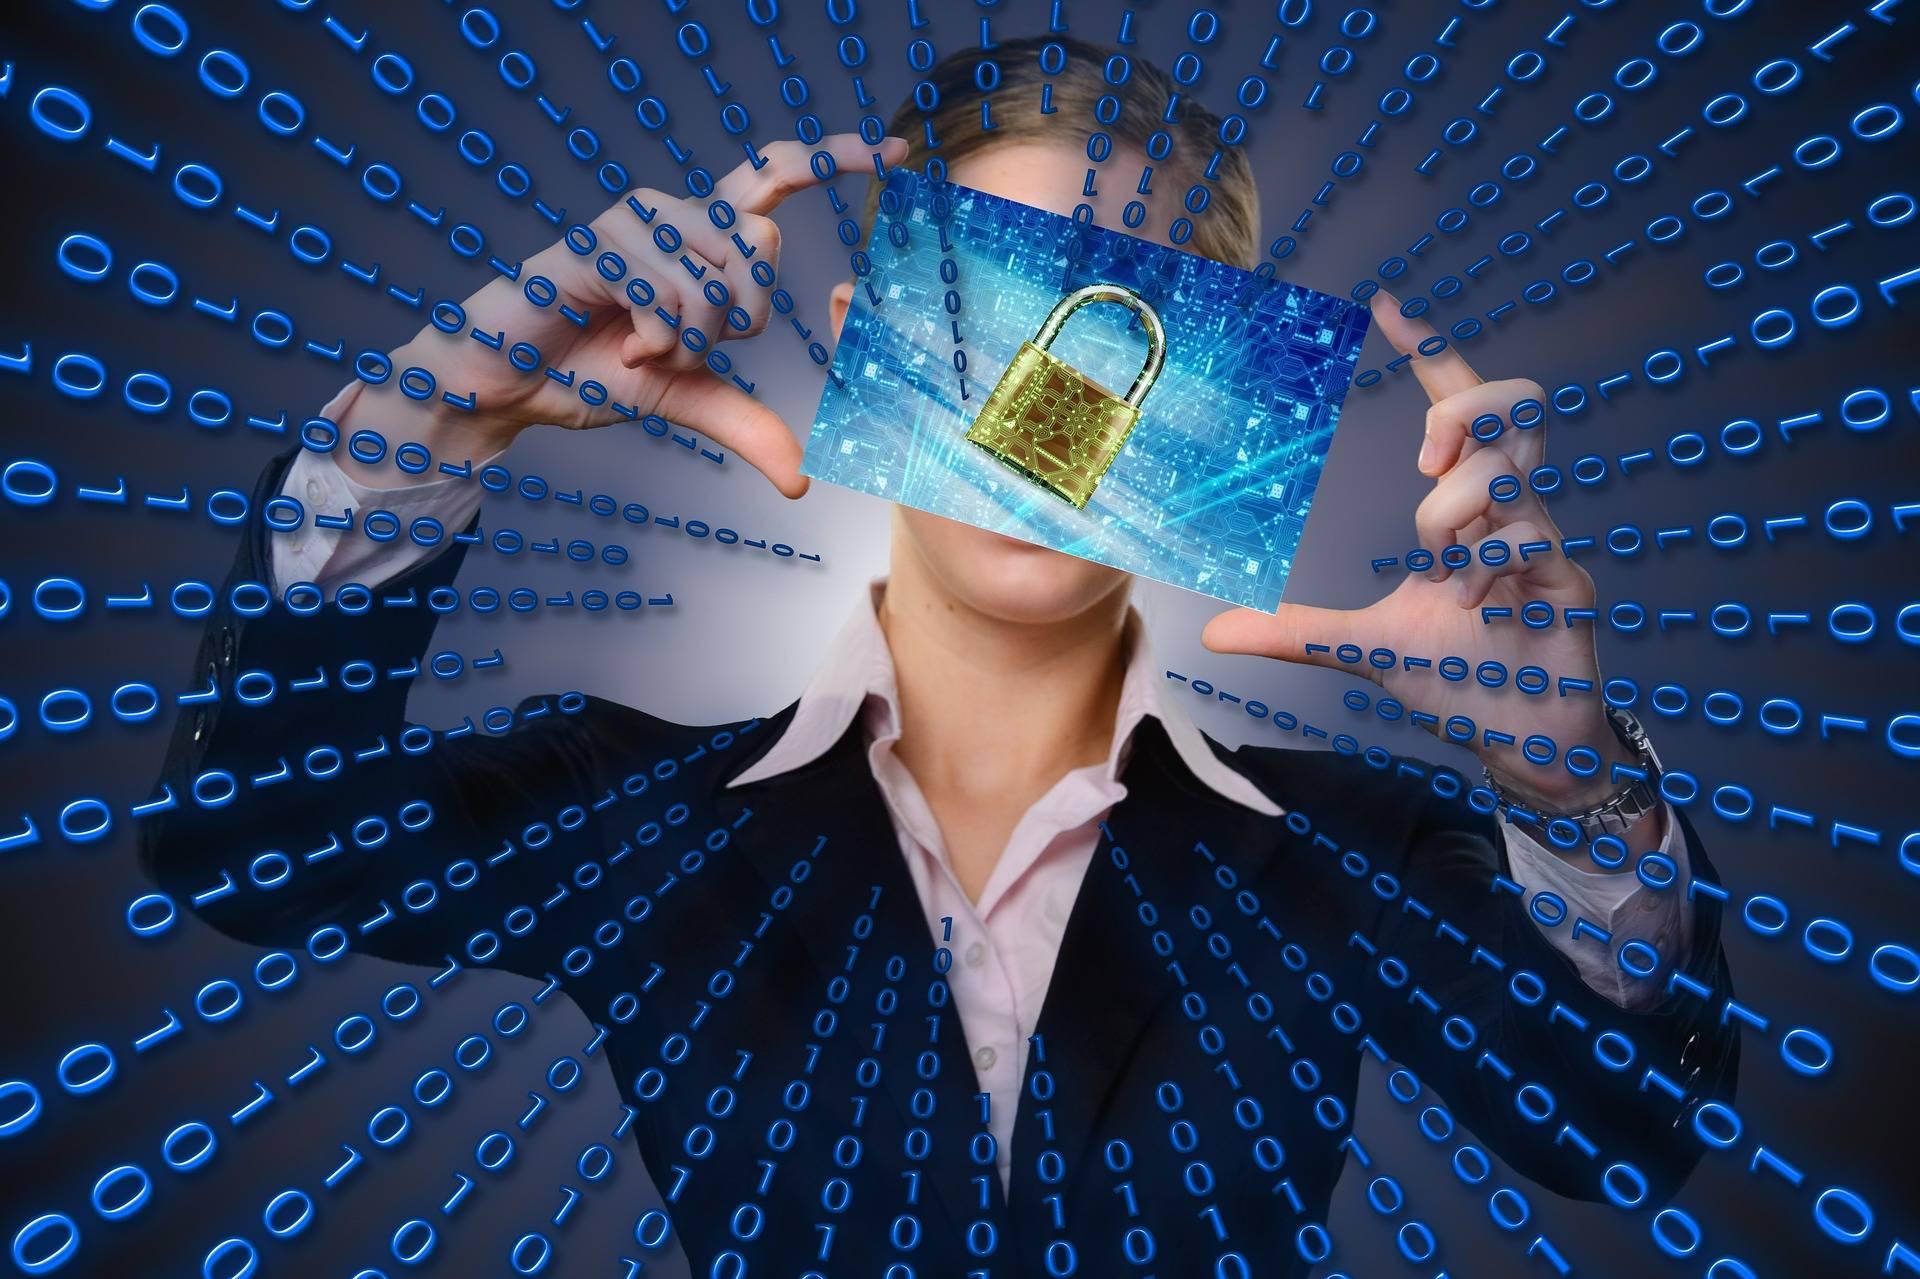 Matrix Computer Security Image